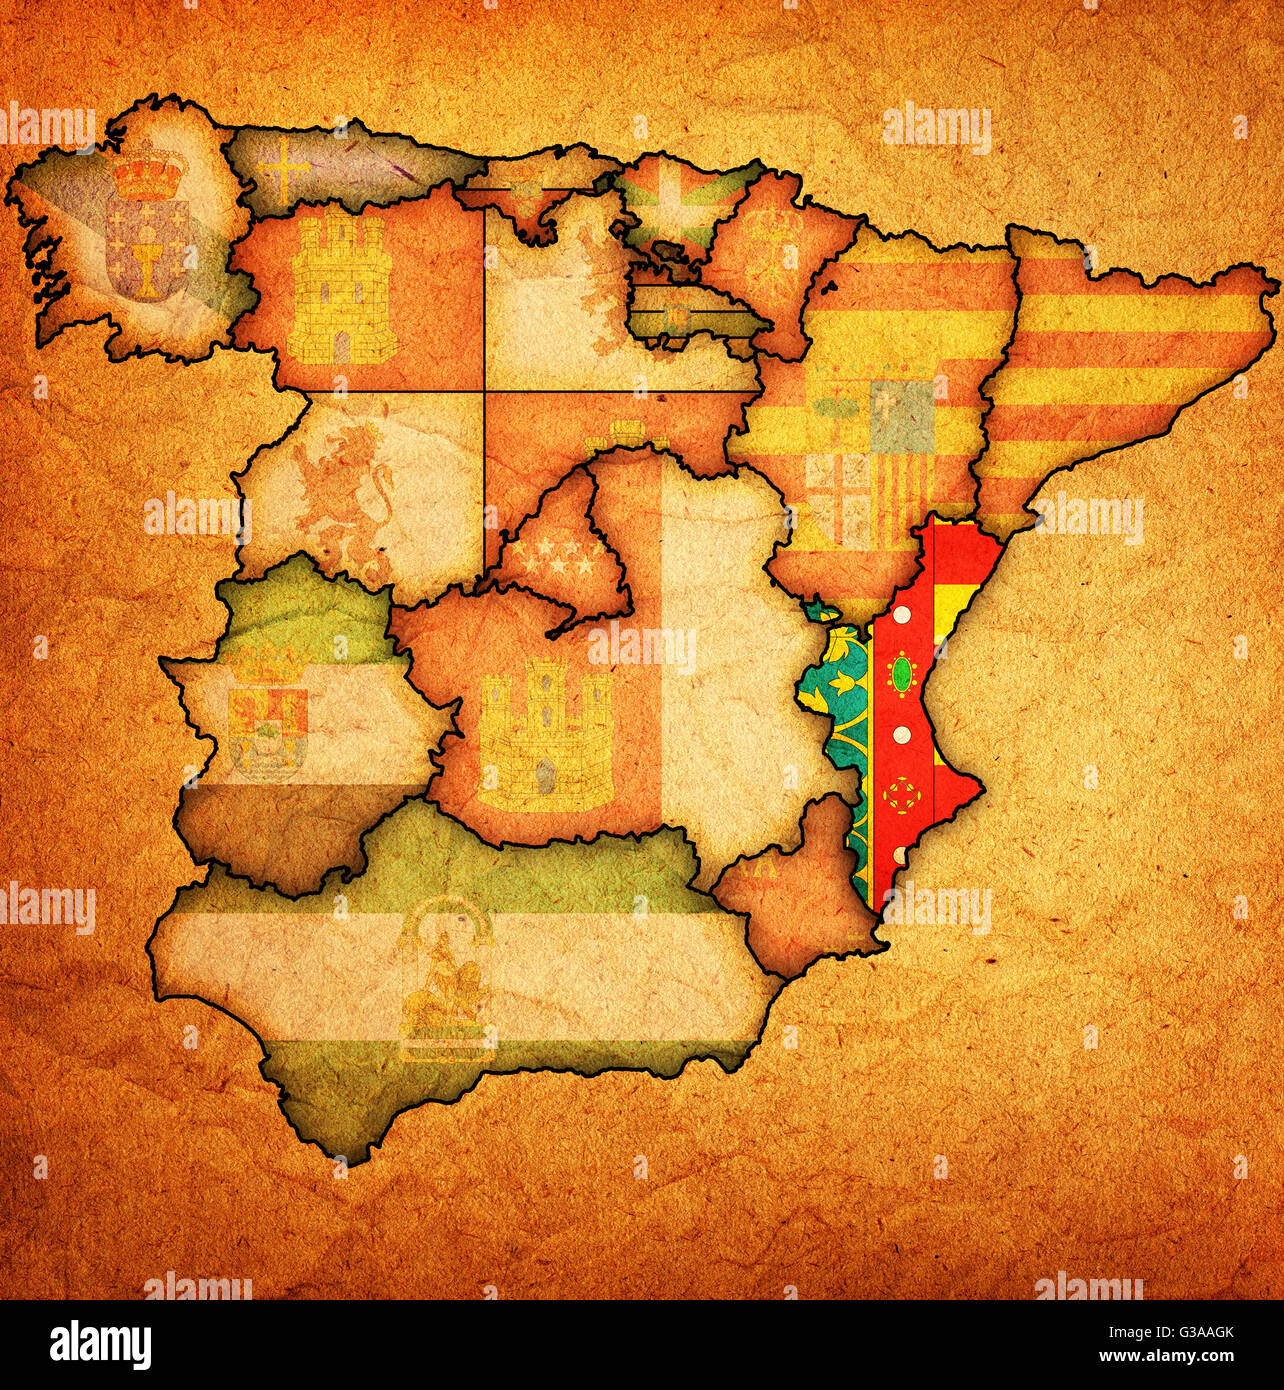 valencia region on administration map of regions of spain ... on venice italy region map, castilla y leon spain map, spain tourist map, castile map, galicia spain region map, madrid spain region map, barcelona spain region map, hong kong china region map, rioja spain wine region map,